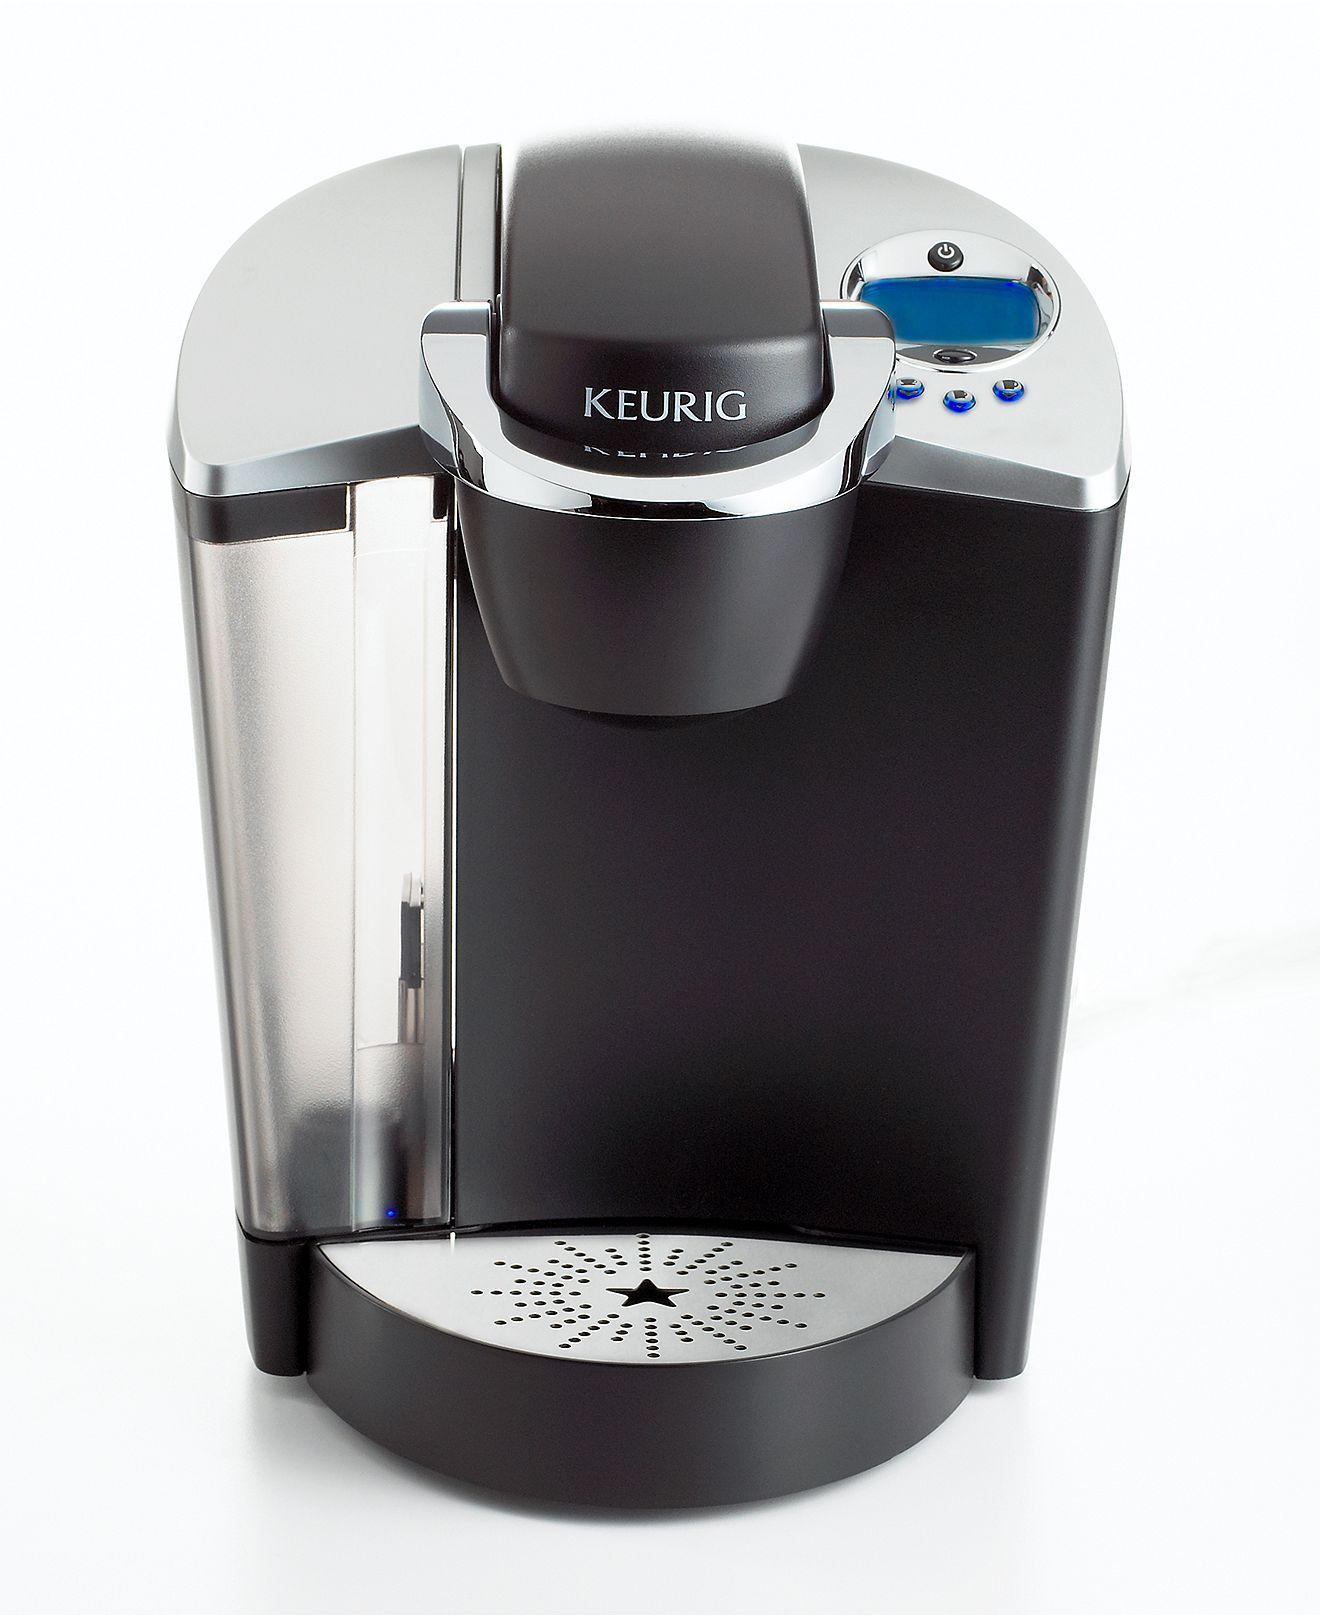 ... keurig b60 coffee maker single serve · keurig b60 black special edition  brewer with ...